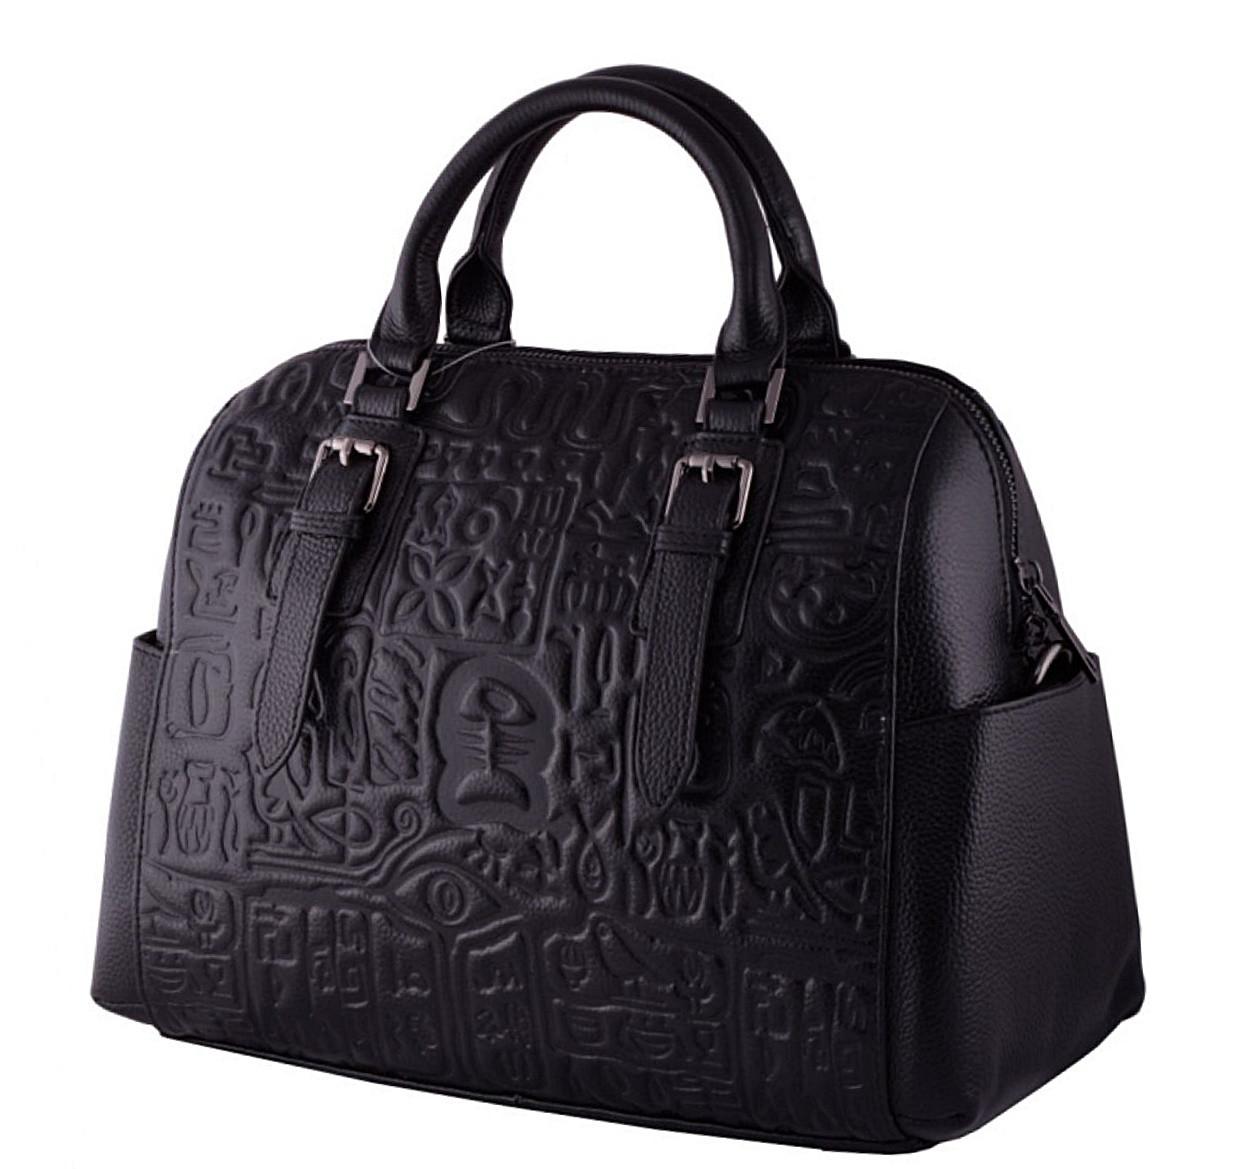 e37b213d3b1b Женская кожаная сумка 9015 черный Кожаные женские сумки купить Одесса 7 км